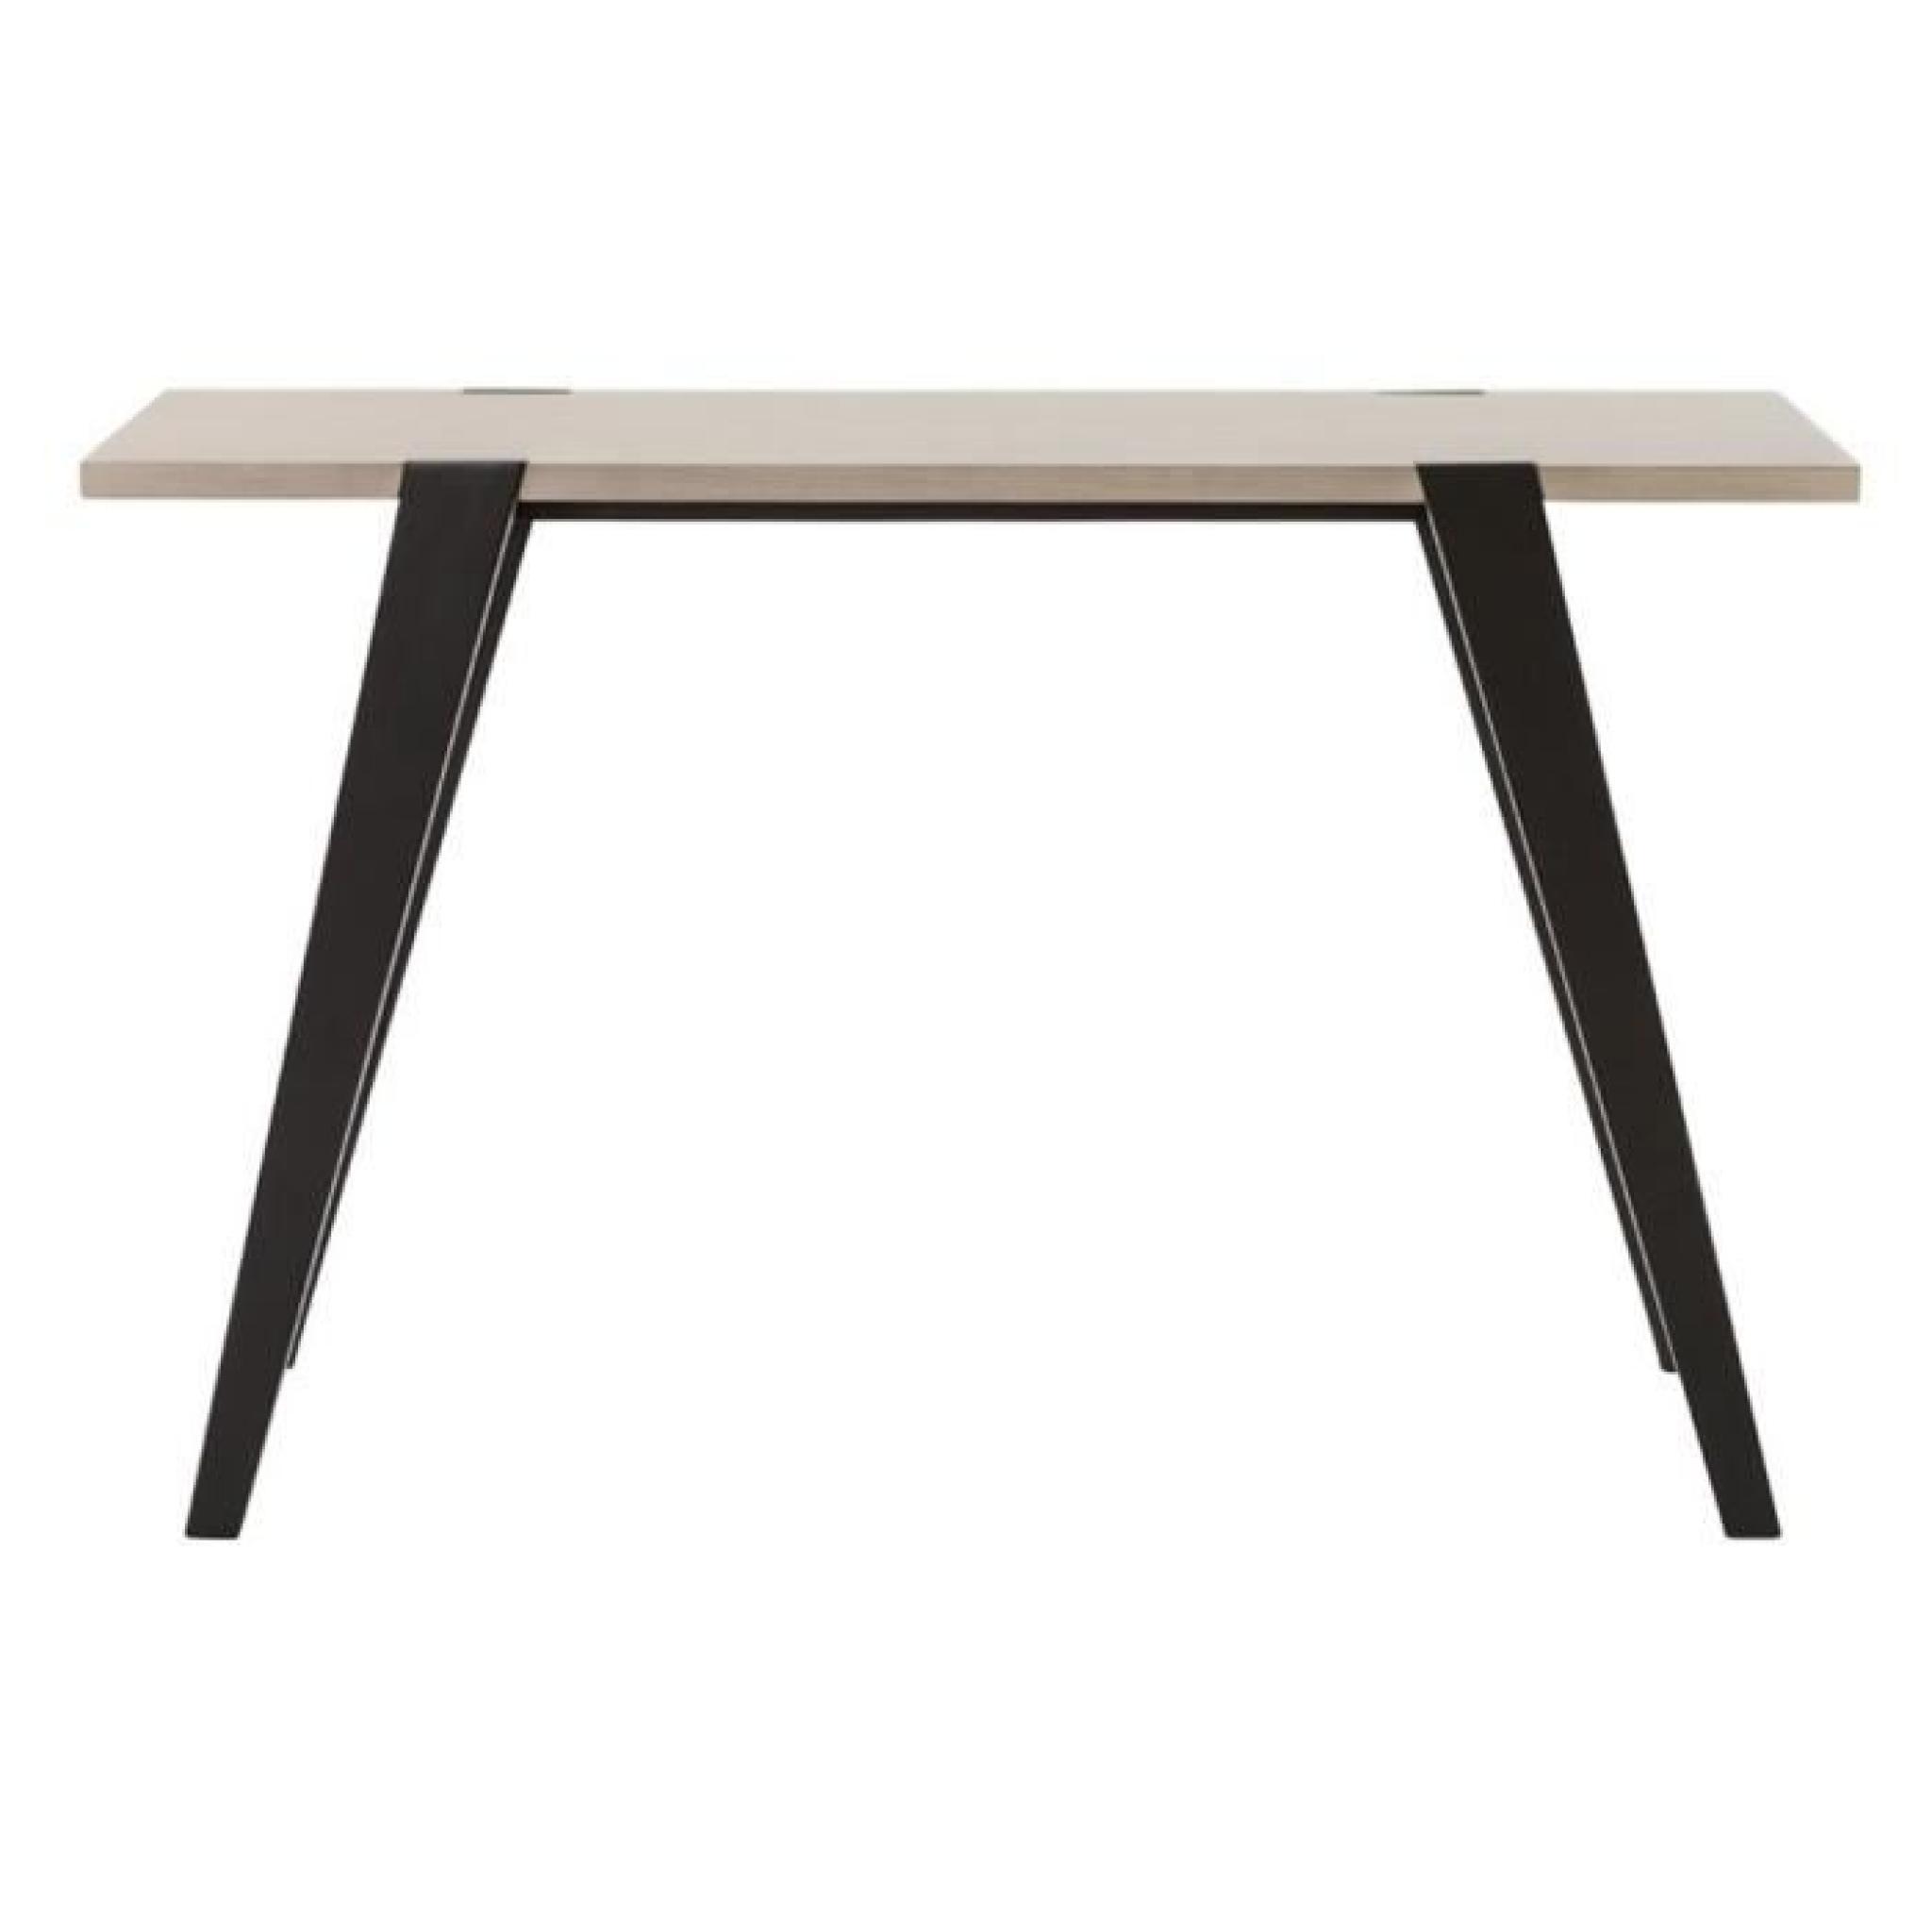 table console 39 treto 39 design en bois ch ne achat vente ensemble salle a manger pas cher. Black Bedroom Furniture Sets. Home Design Ideas